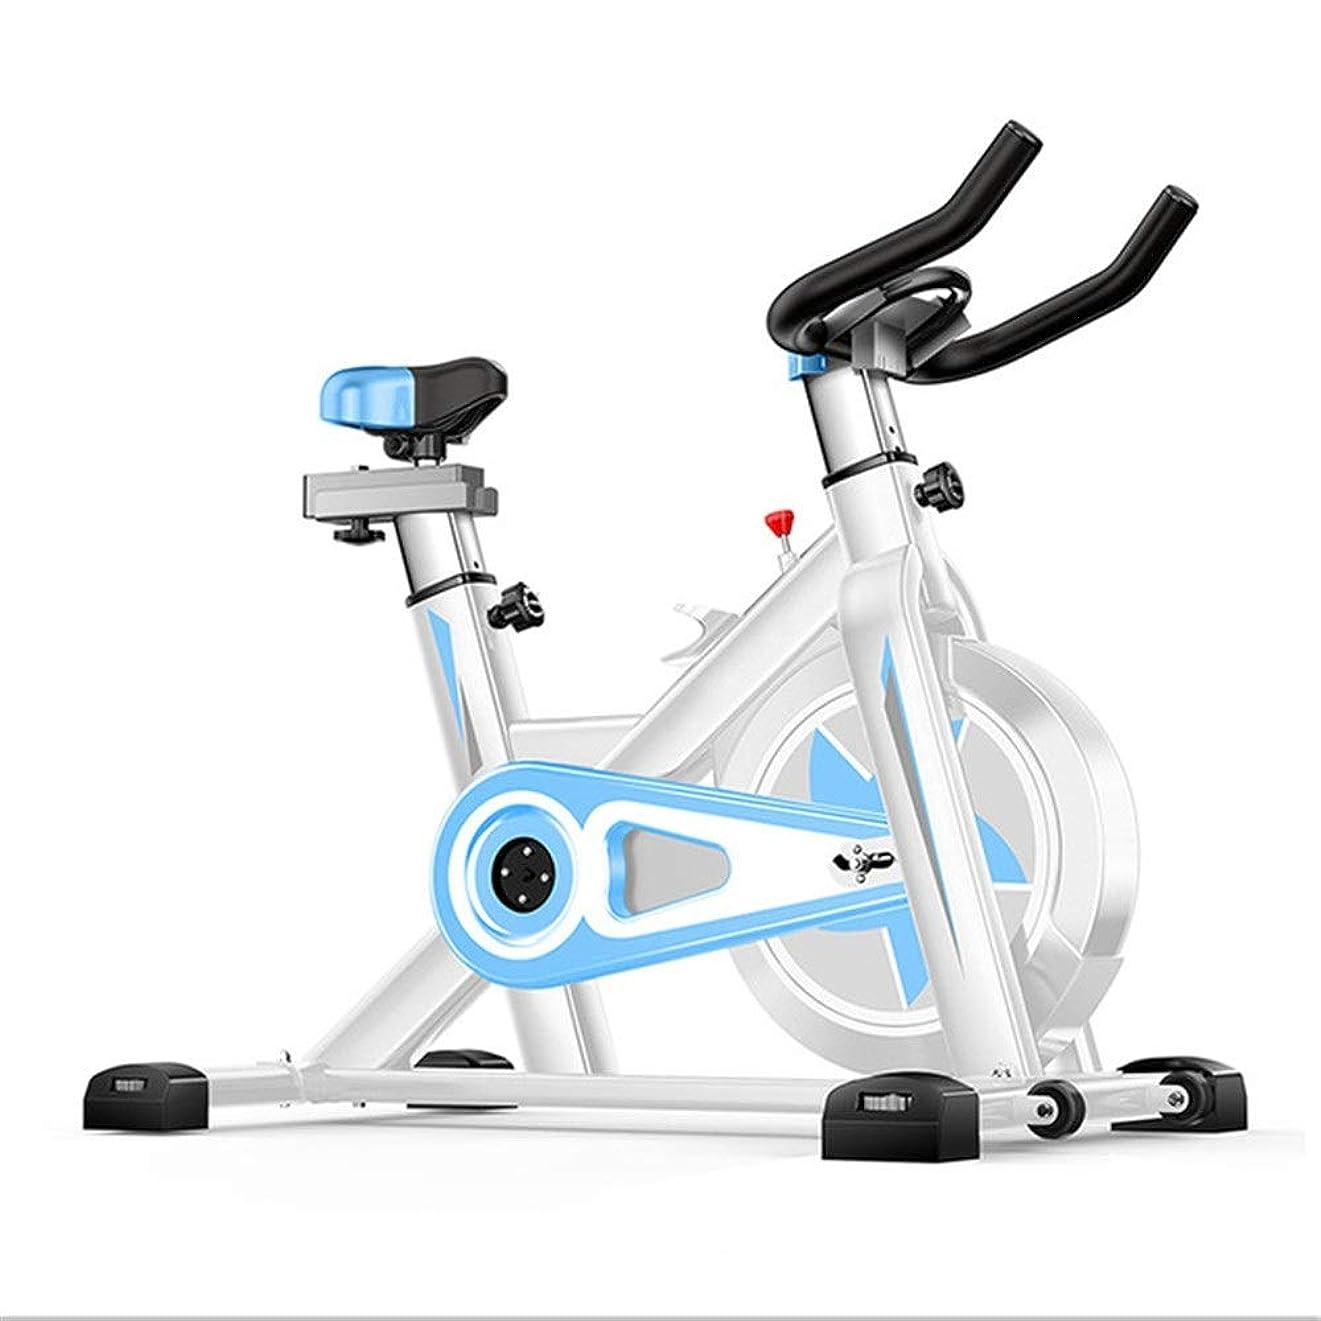 名前を作る雇用挽くスピニングバイク ホームジムのトレーニング屋内サイクリングバイクトレーナーのための静止運動自転車フィットネス機器 (色 : 青, サイズ : Free size)